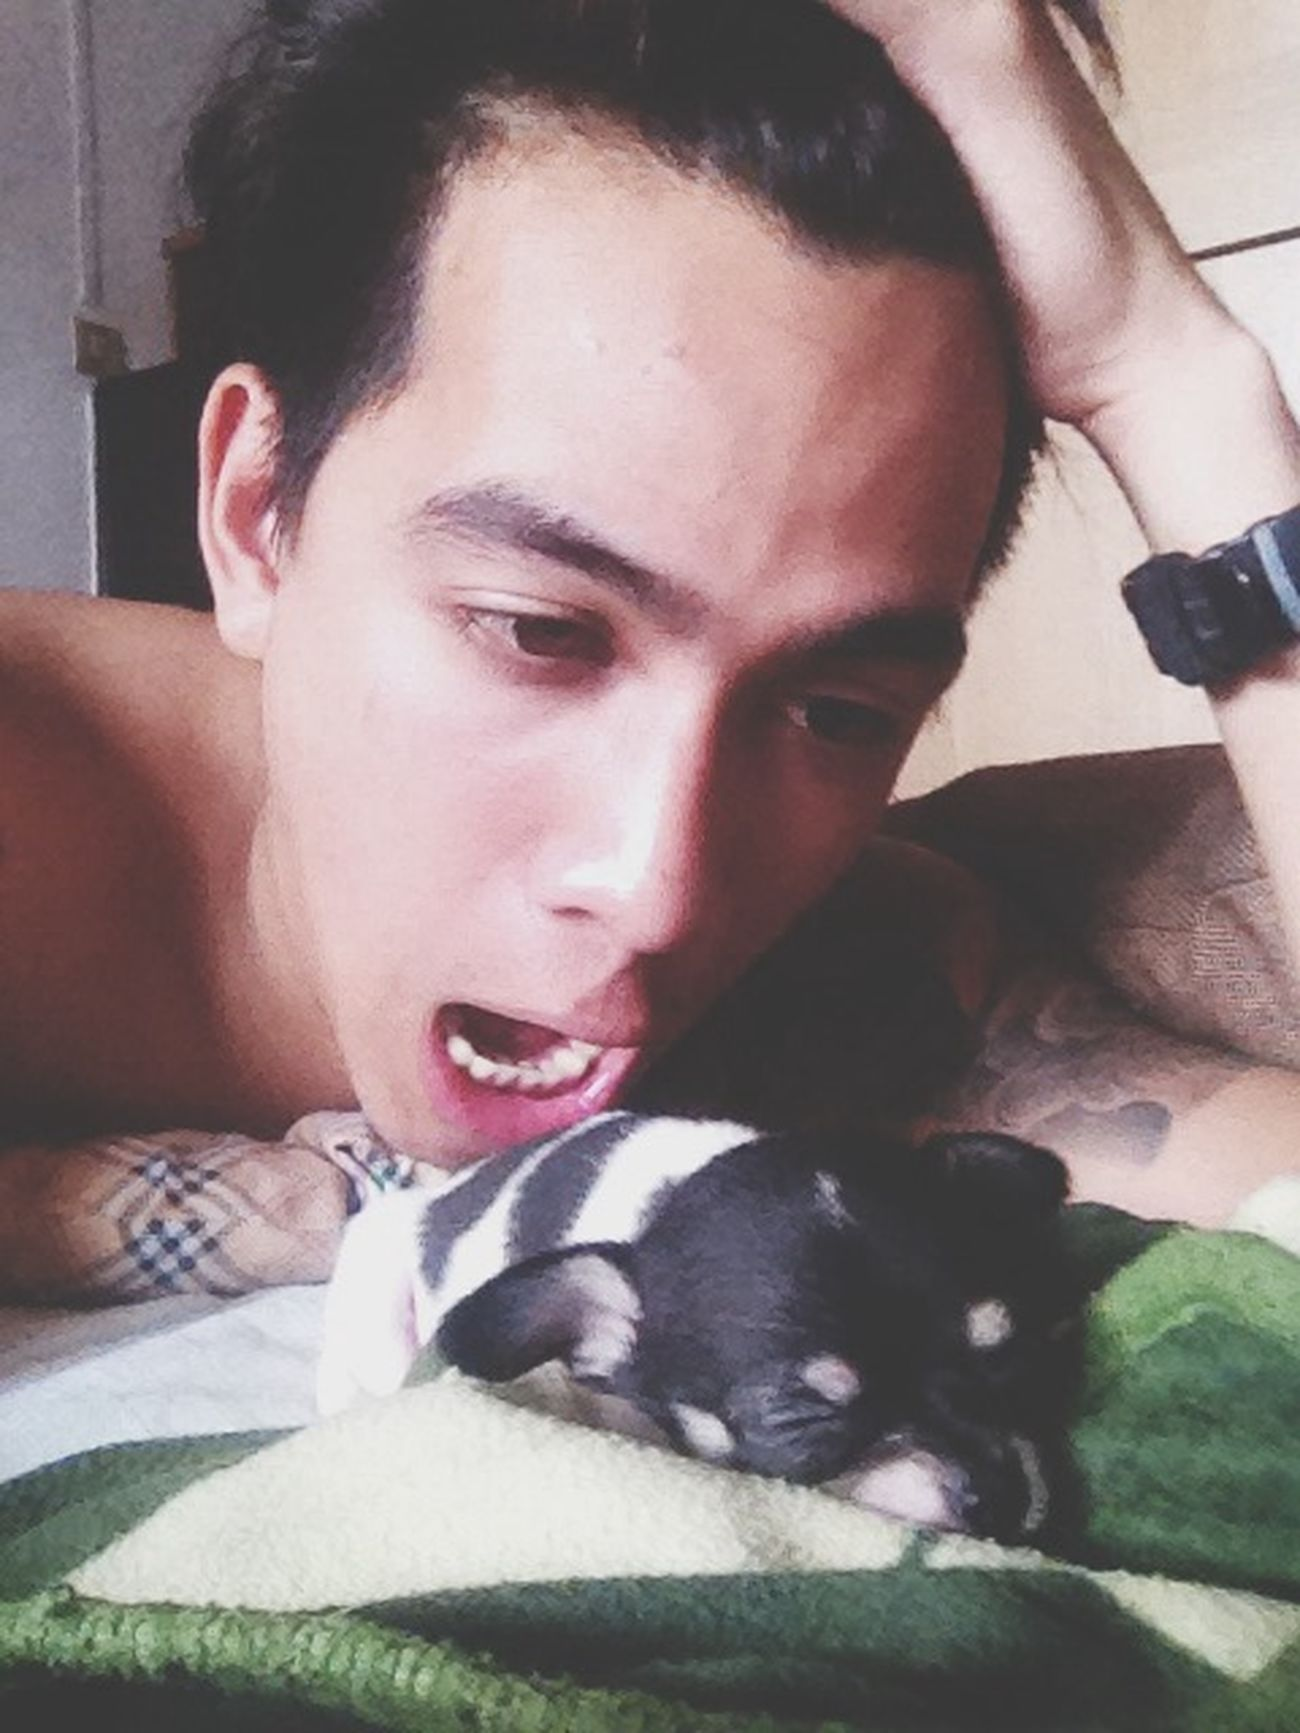 ผมชอบกินลูกหมาคับ